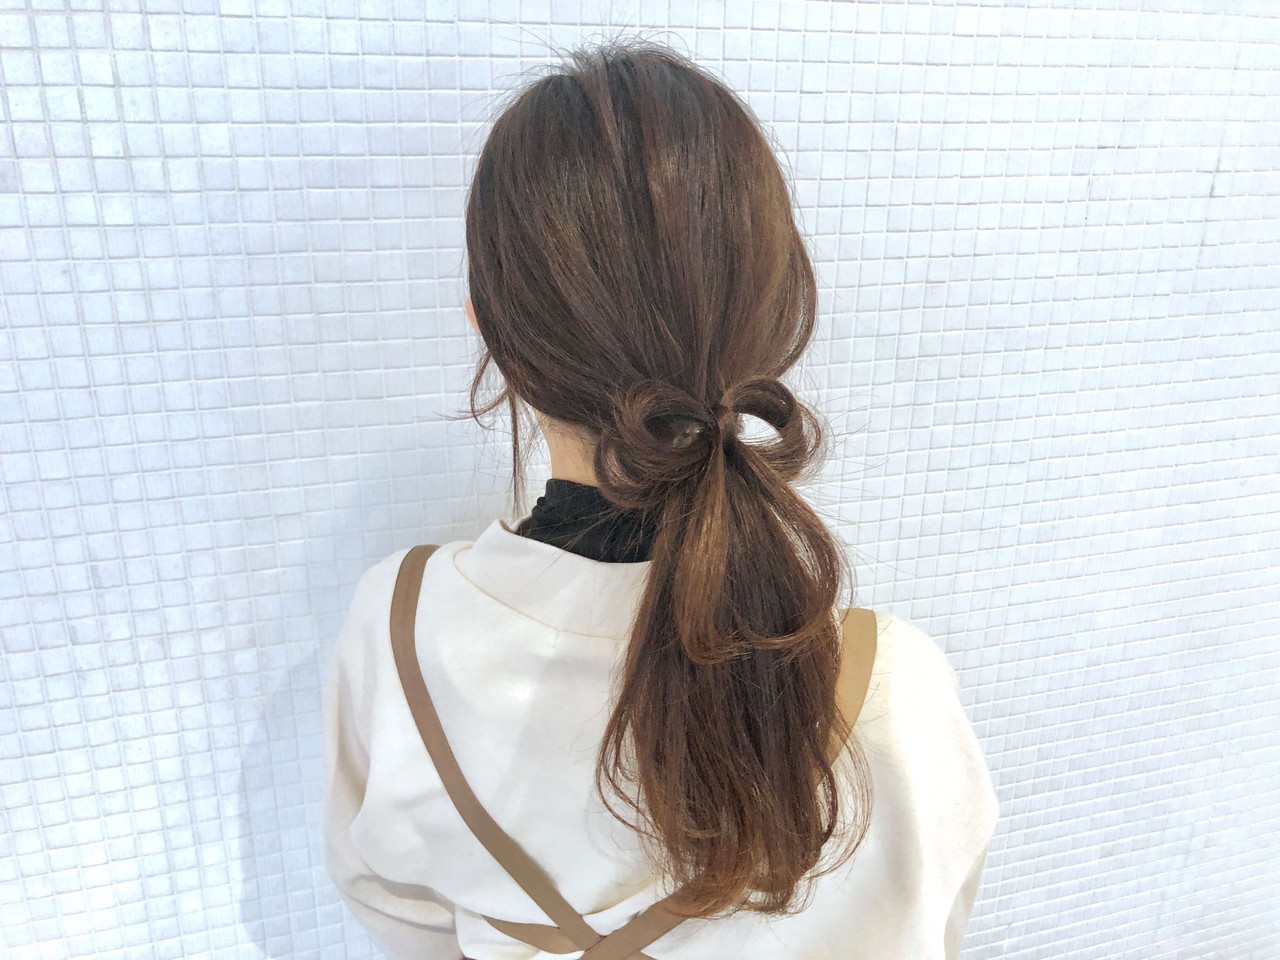 ロング リボンアレンジ 簡単ヘアアレンジ ヘアアレンジ ヘアスタイルや髪型の写真・画像